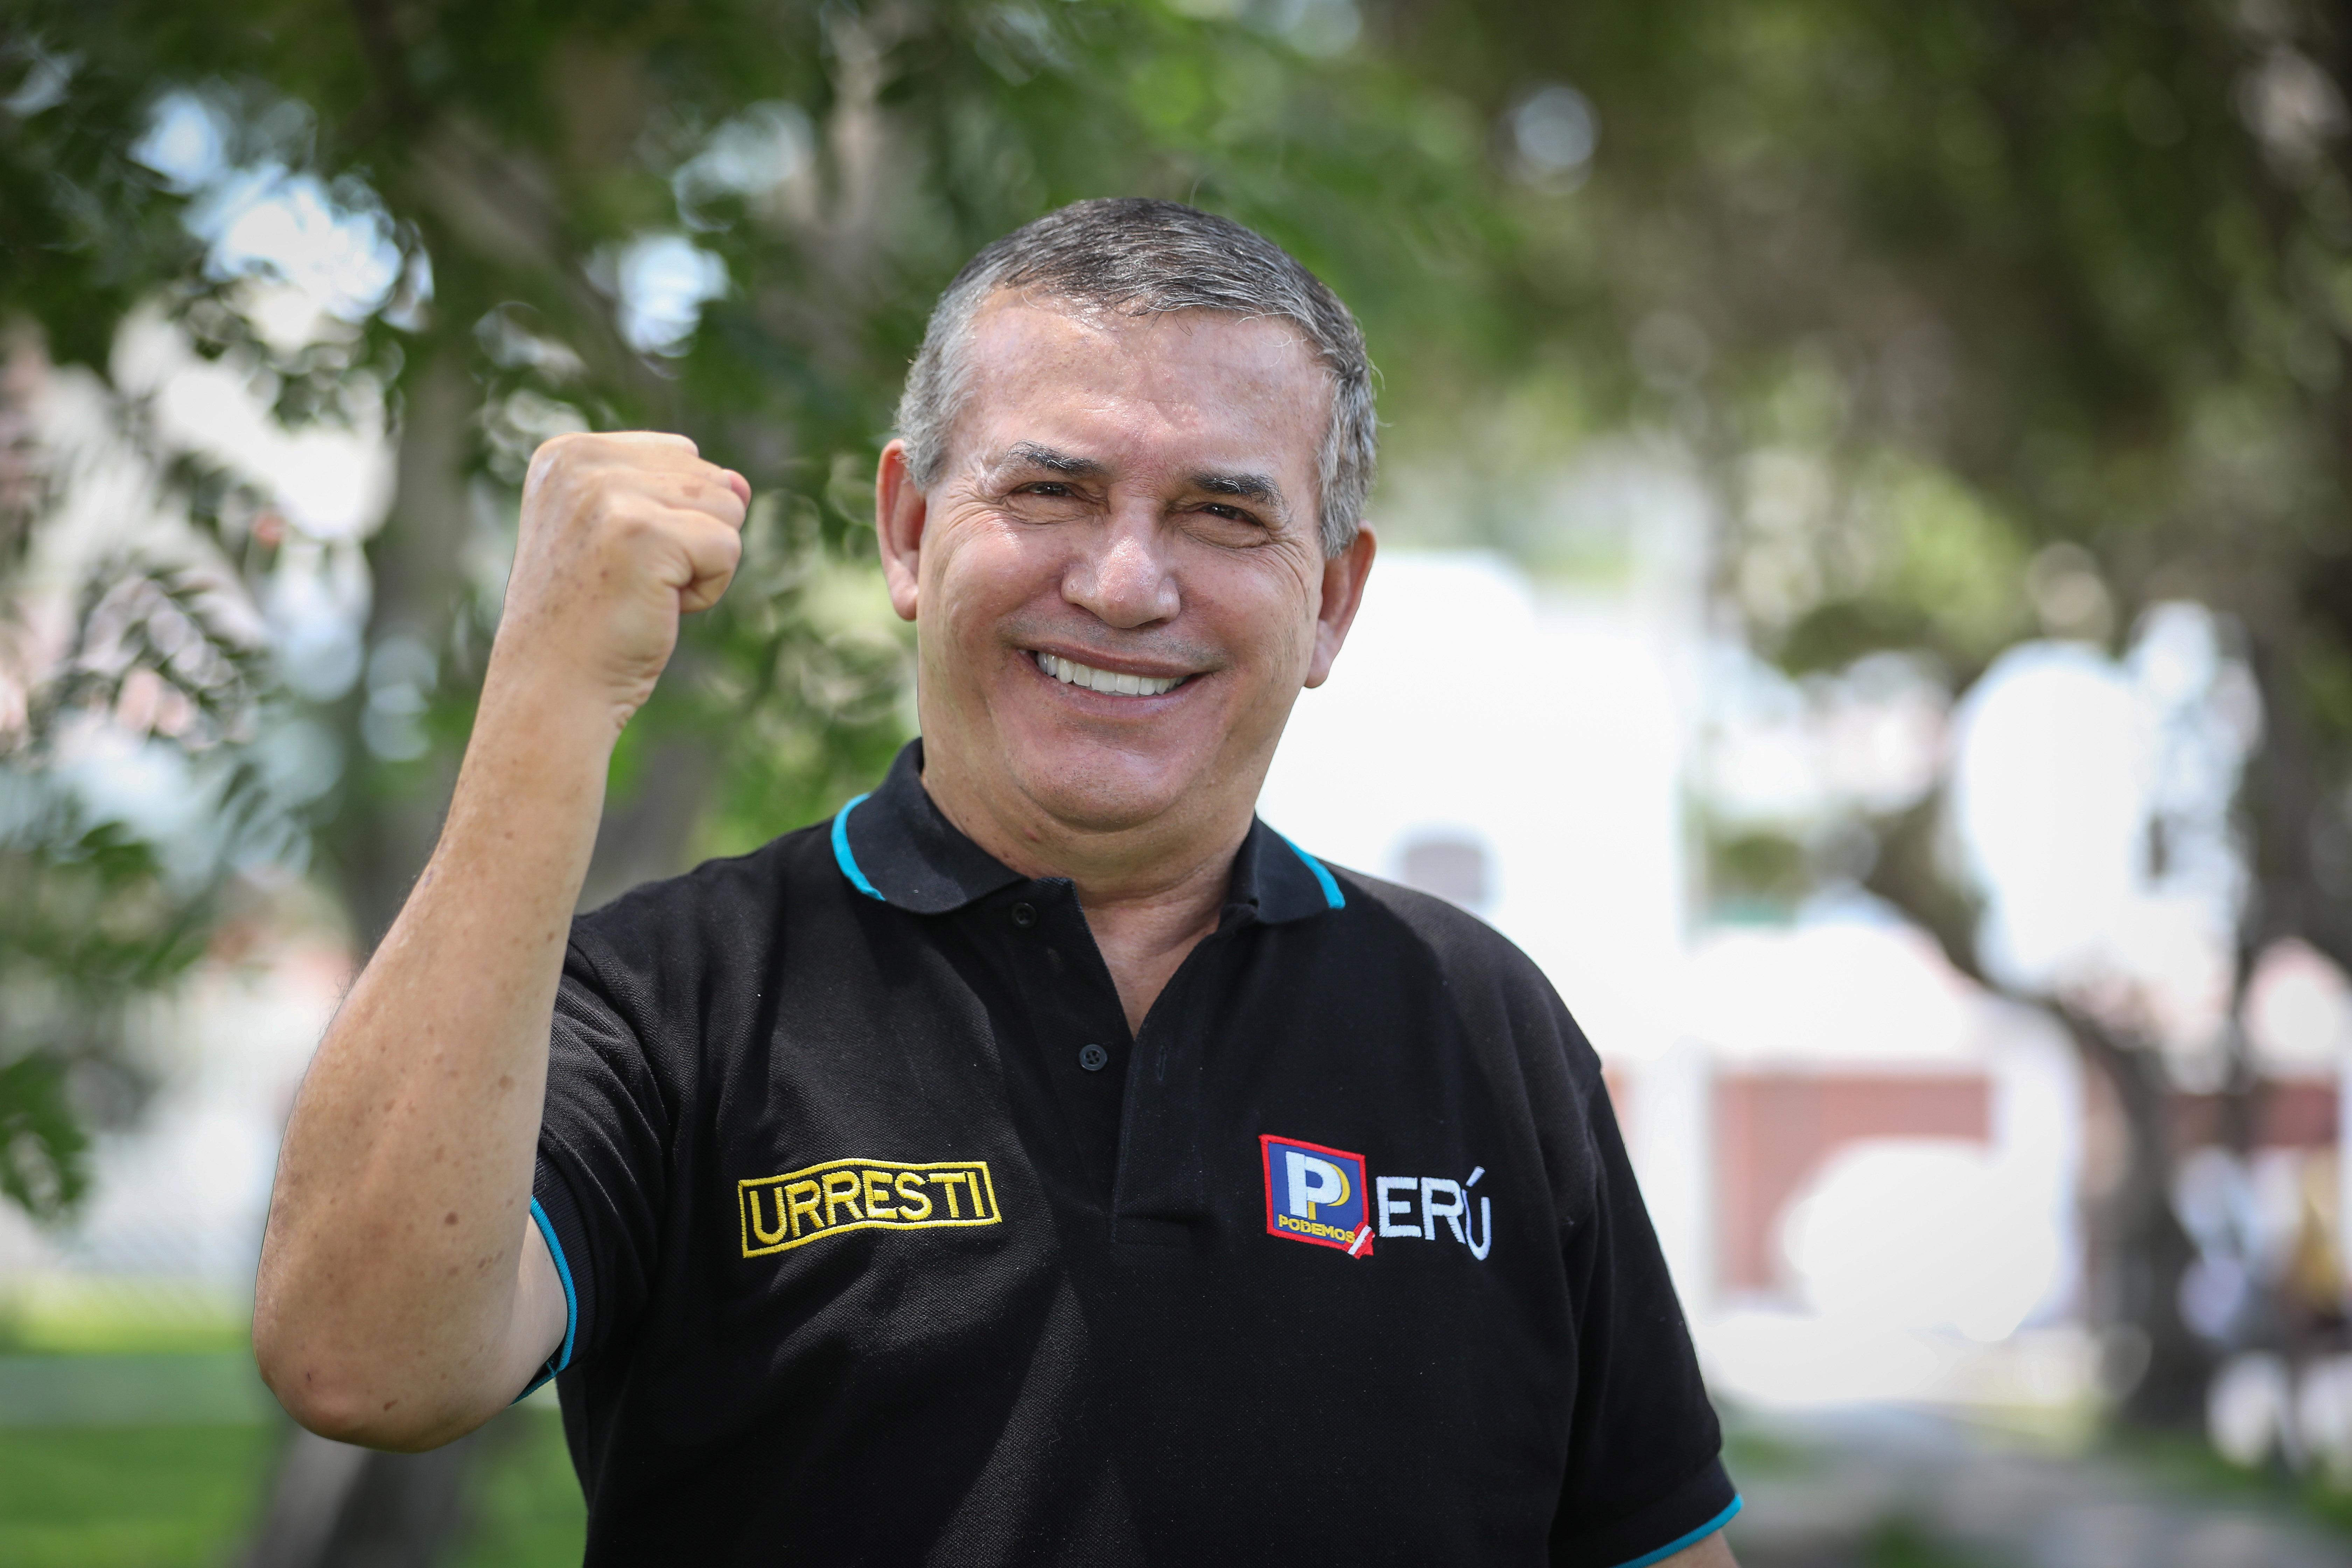 Habla candidato: conoce las propuestas de Daniel Urresti